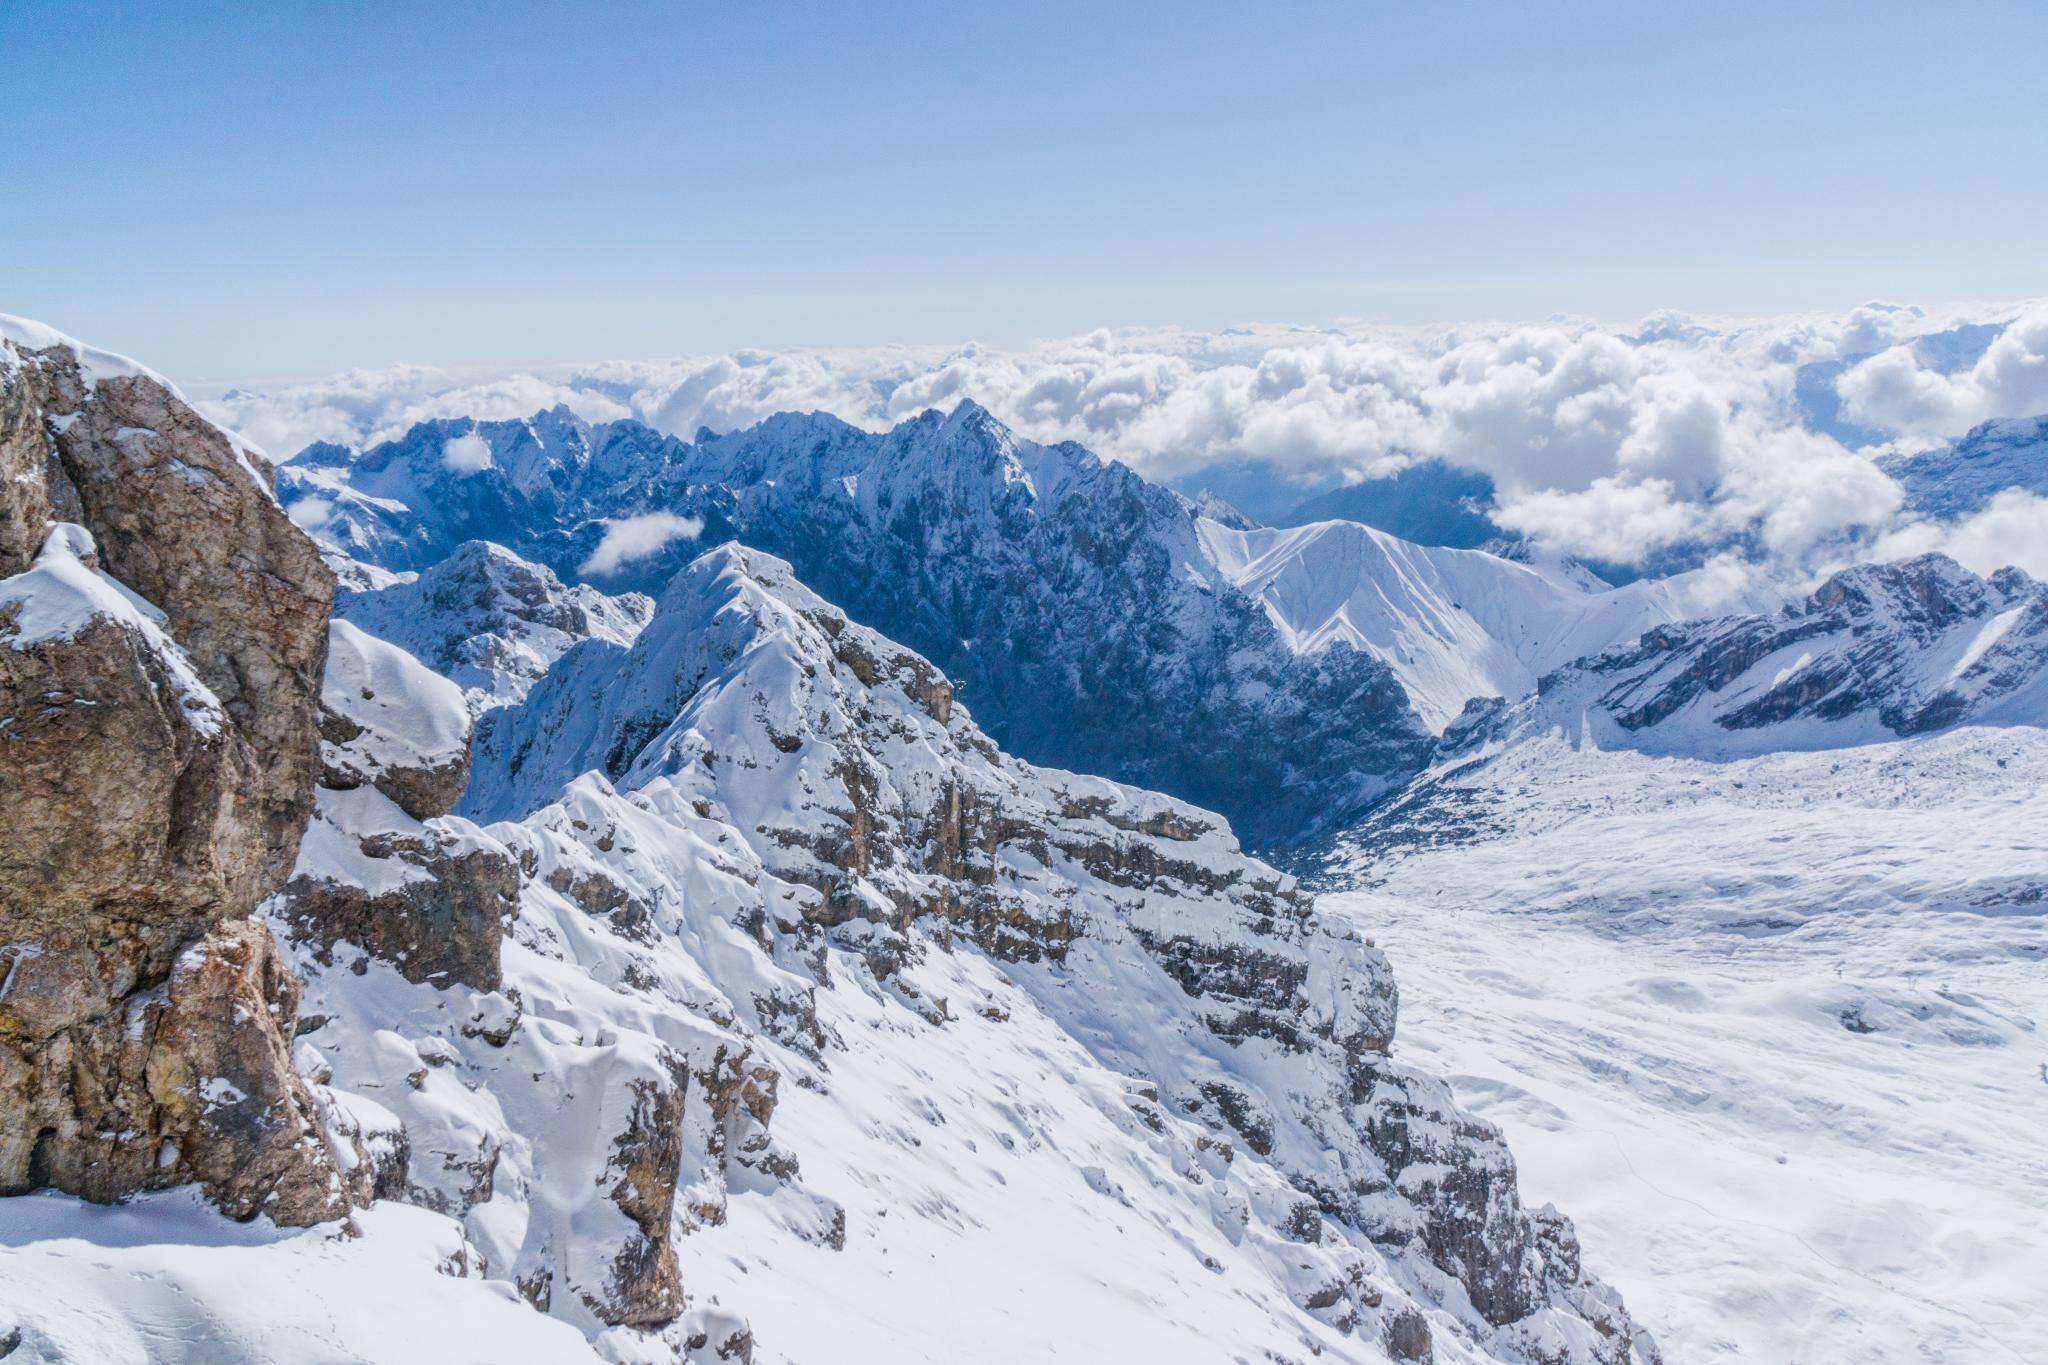 【德國】阿爾卑斯大道:楚格峰 (Zugspitze) 登上德國之巔 52